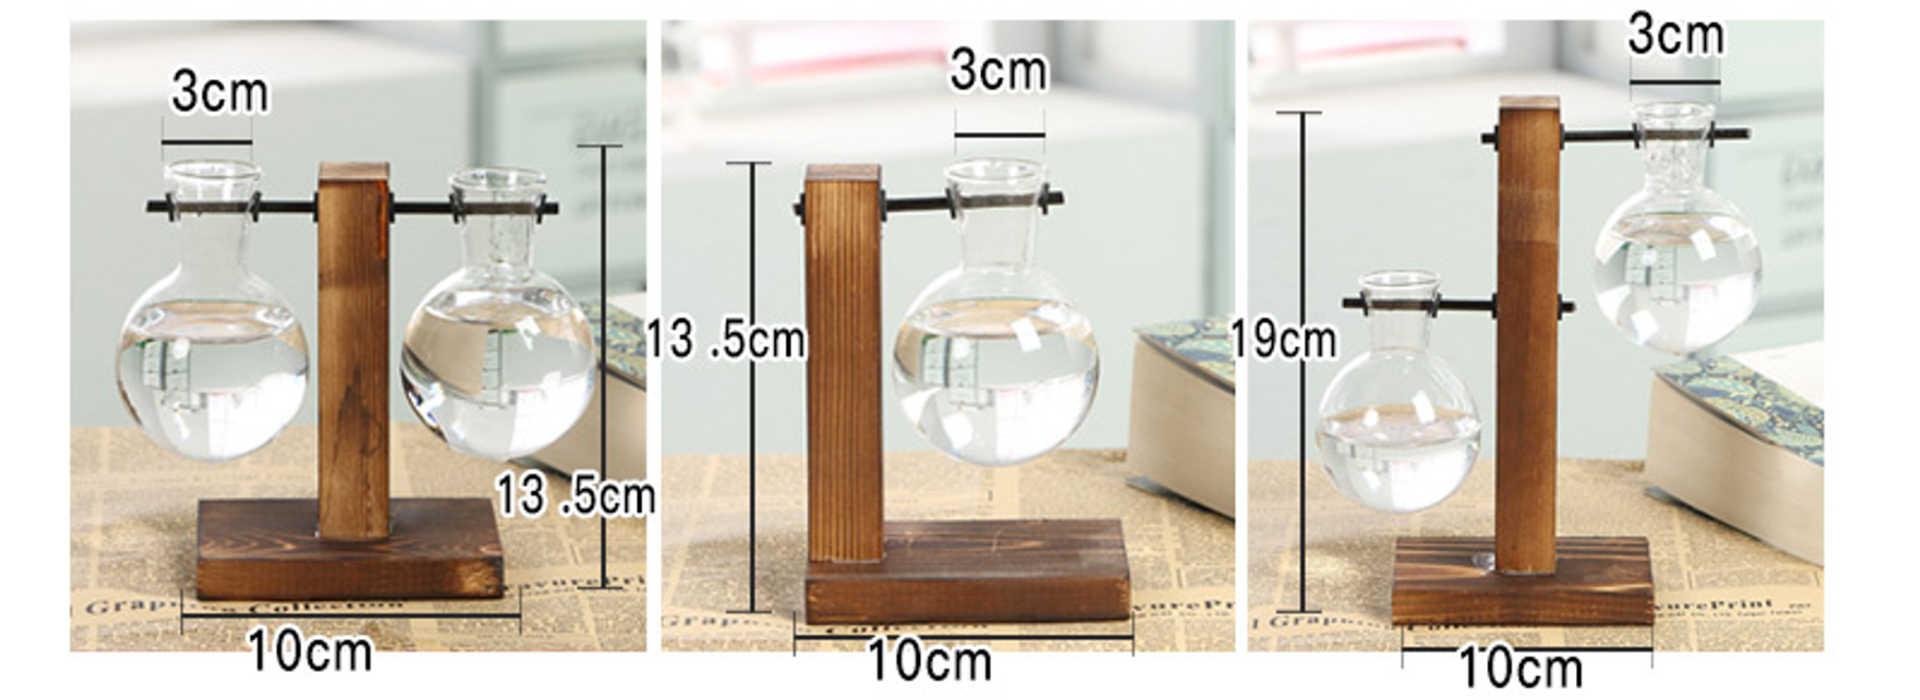 Dimensions d'un vase pour déco de table modèle piédestal bois